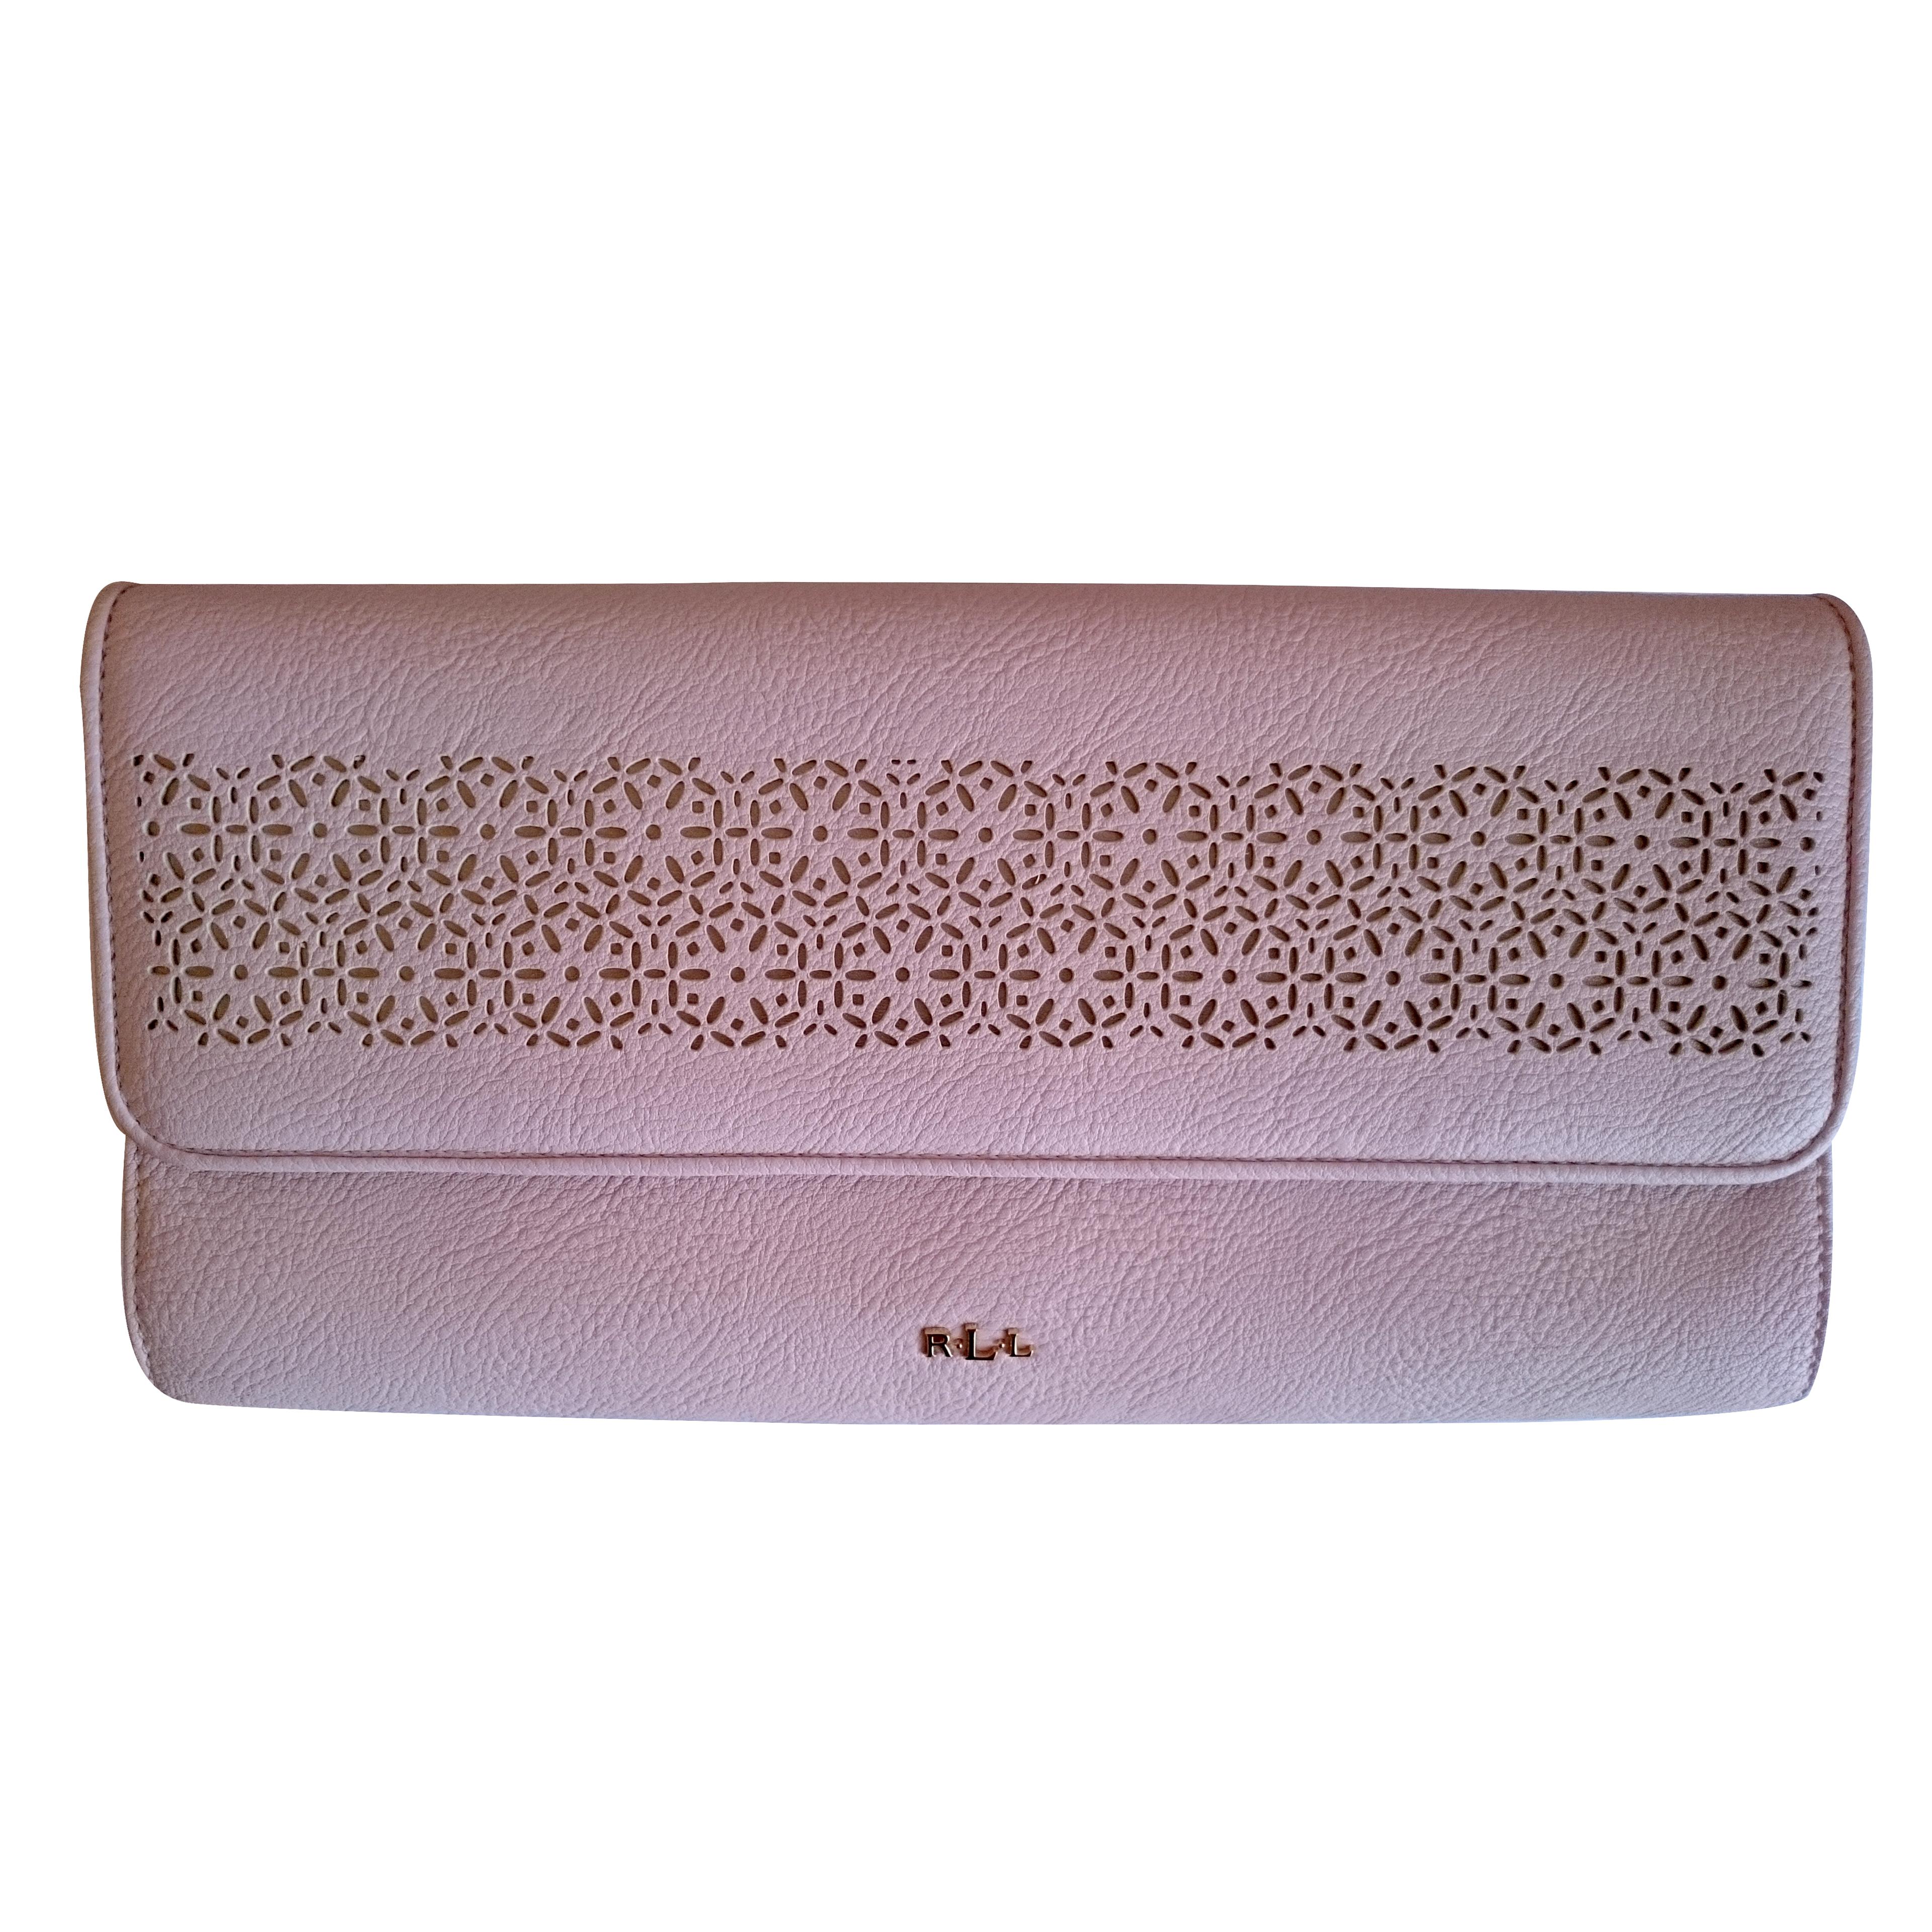 Ralph Lauren Envelope Clutch Ballet Slipper Pale Pink d1c65a8168249